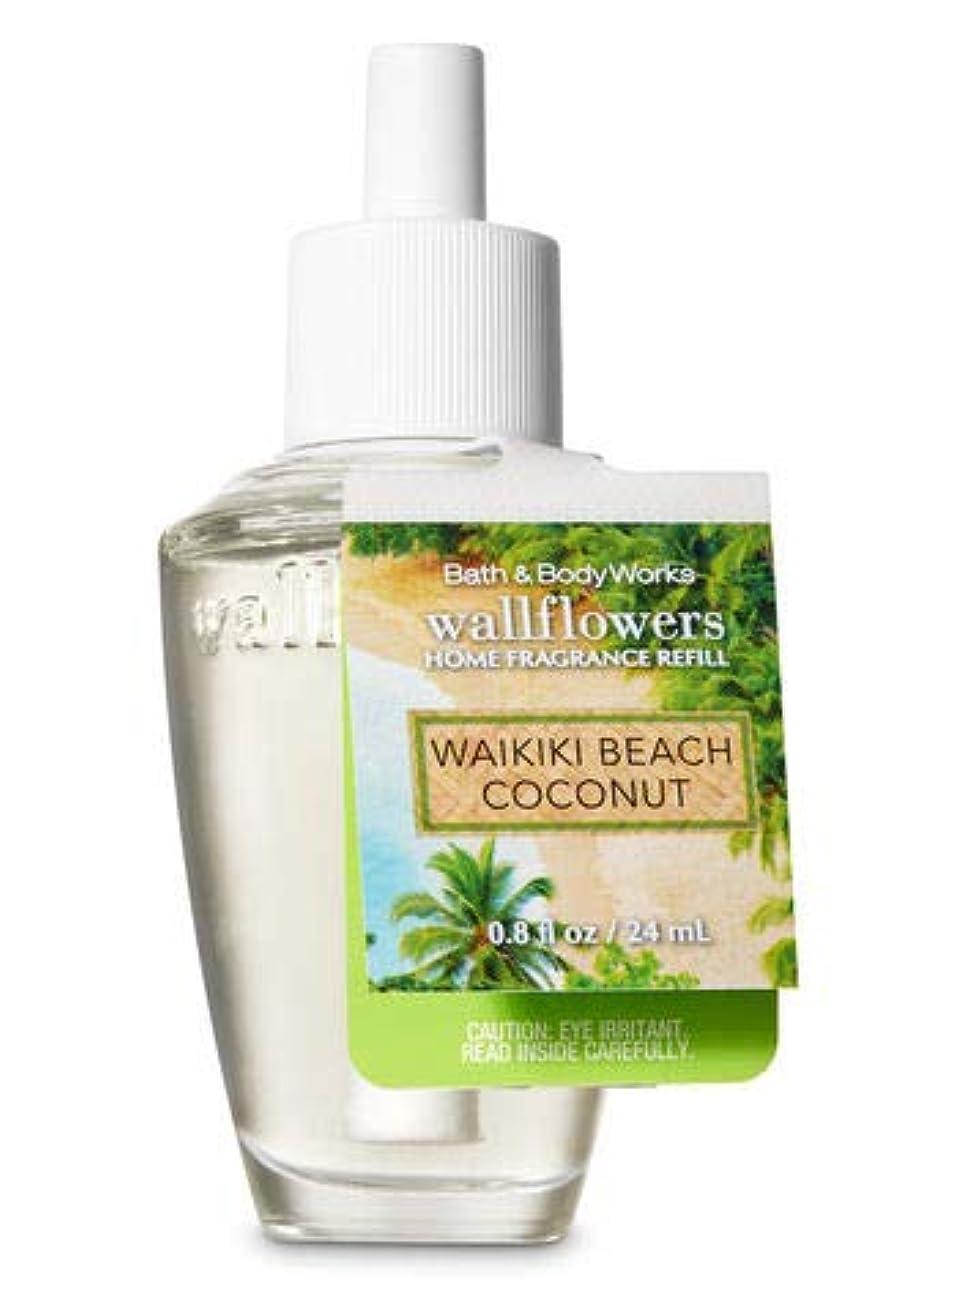 嵐の参照途方もない【Bath&Body Works/バス&ボディワークス】 ルームフレグランス 詰替えリフィル ワイキキビーチココナッツ Wallflowers Home Fragrance Refill Waikiki Beach Coconut [並行輸入品]